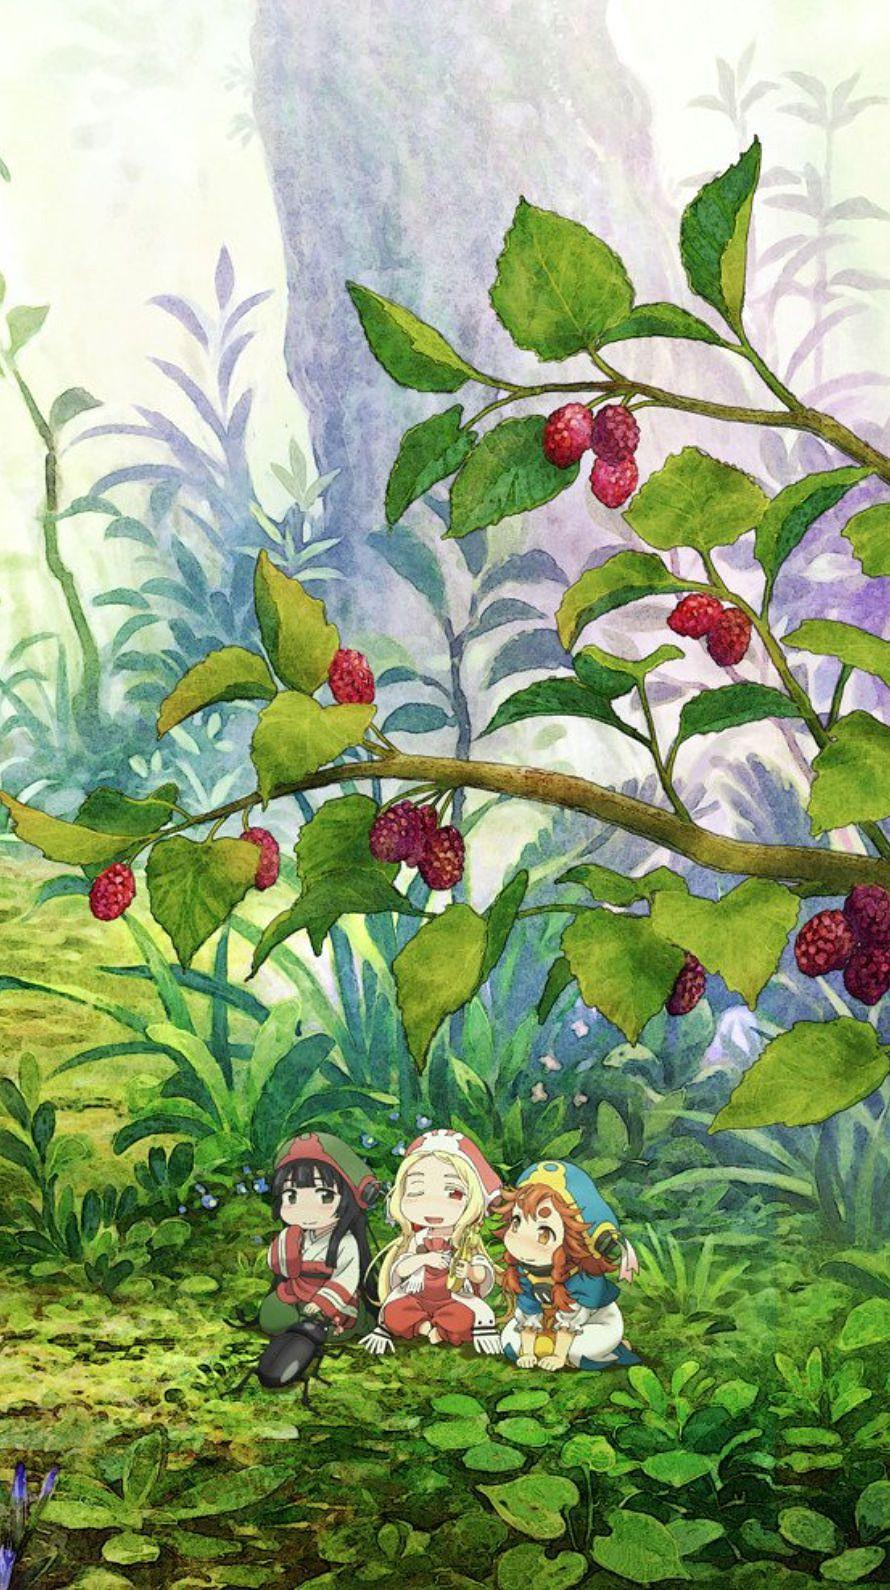 ハクメイとミコチ 木の実